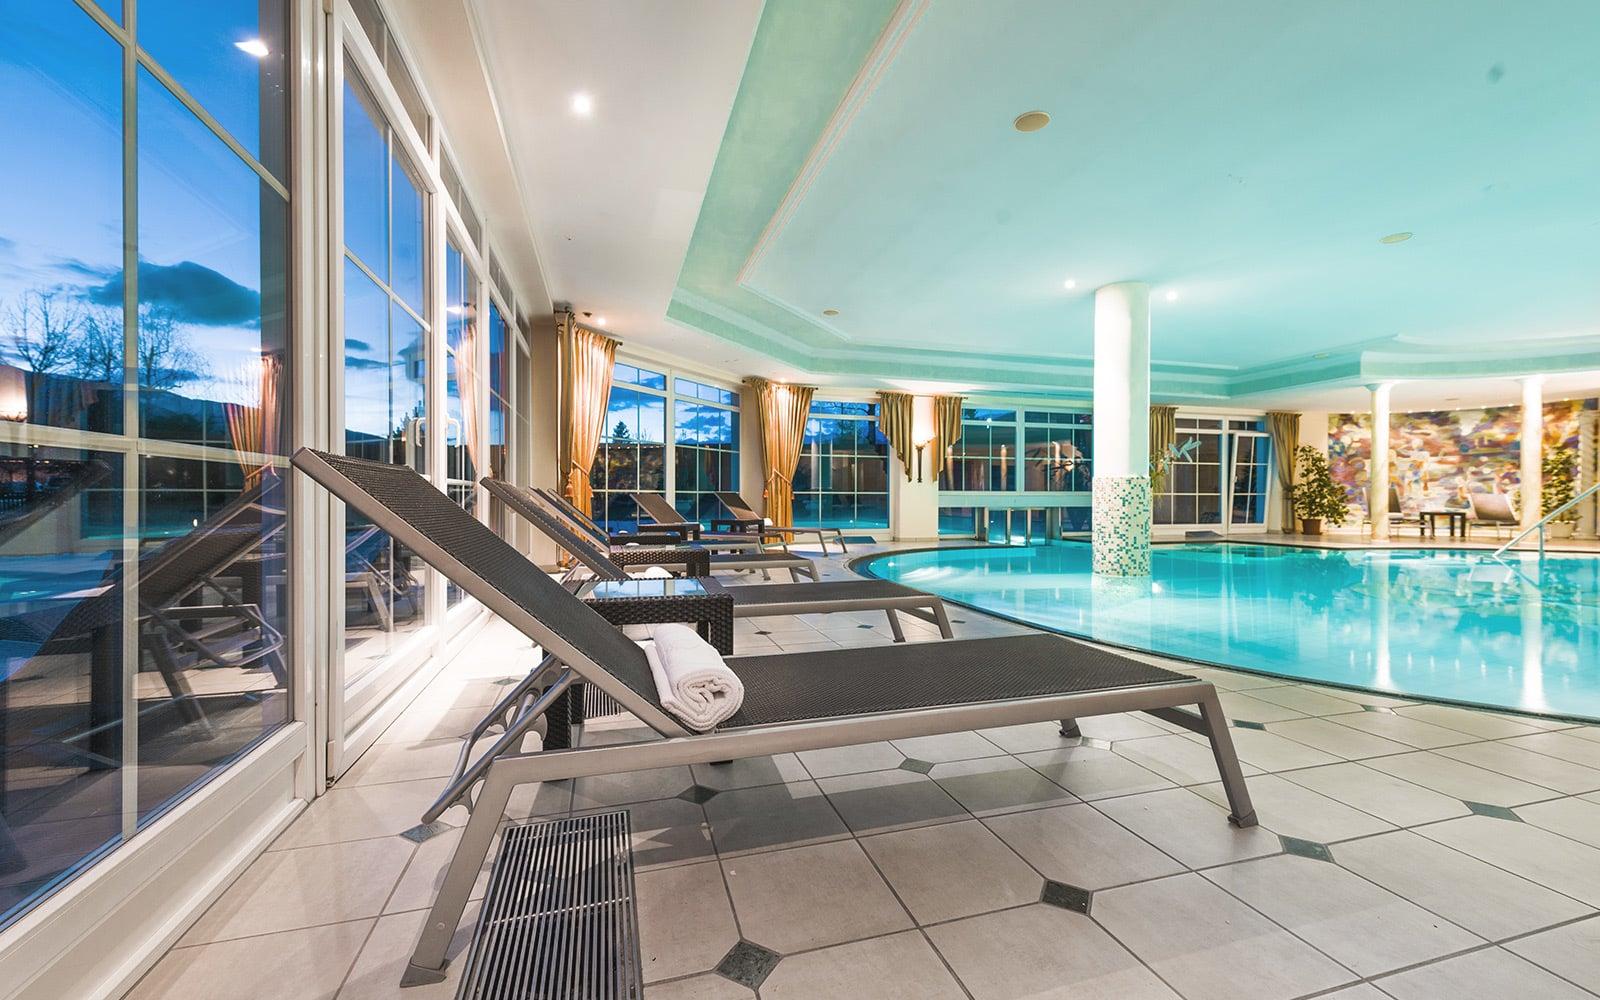 Lifestyle la majestic hotel majestic brunico val pusteria plan de corones - Piscina sospesa plan de corones ...